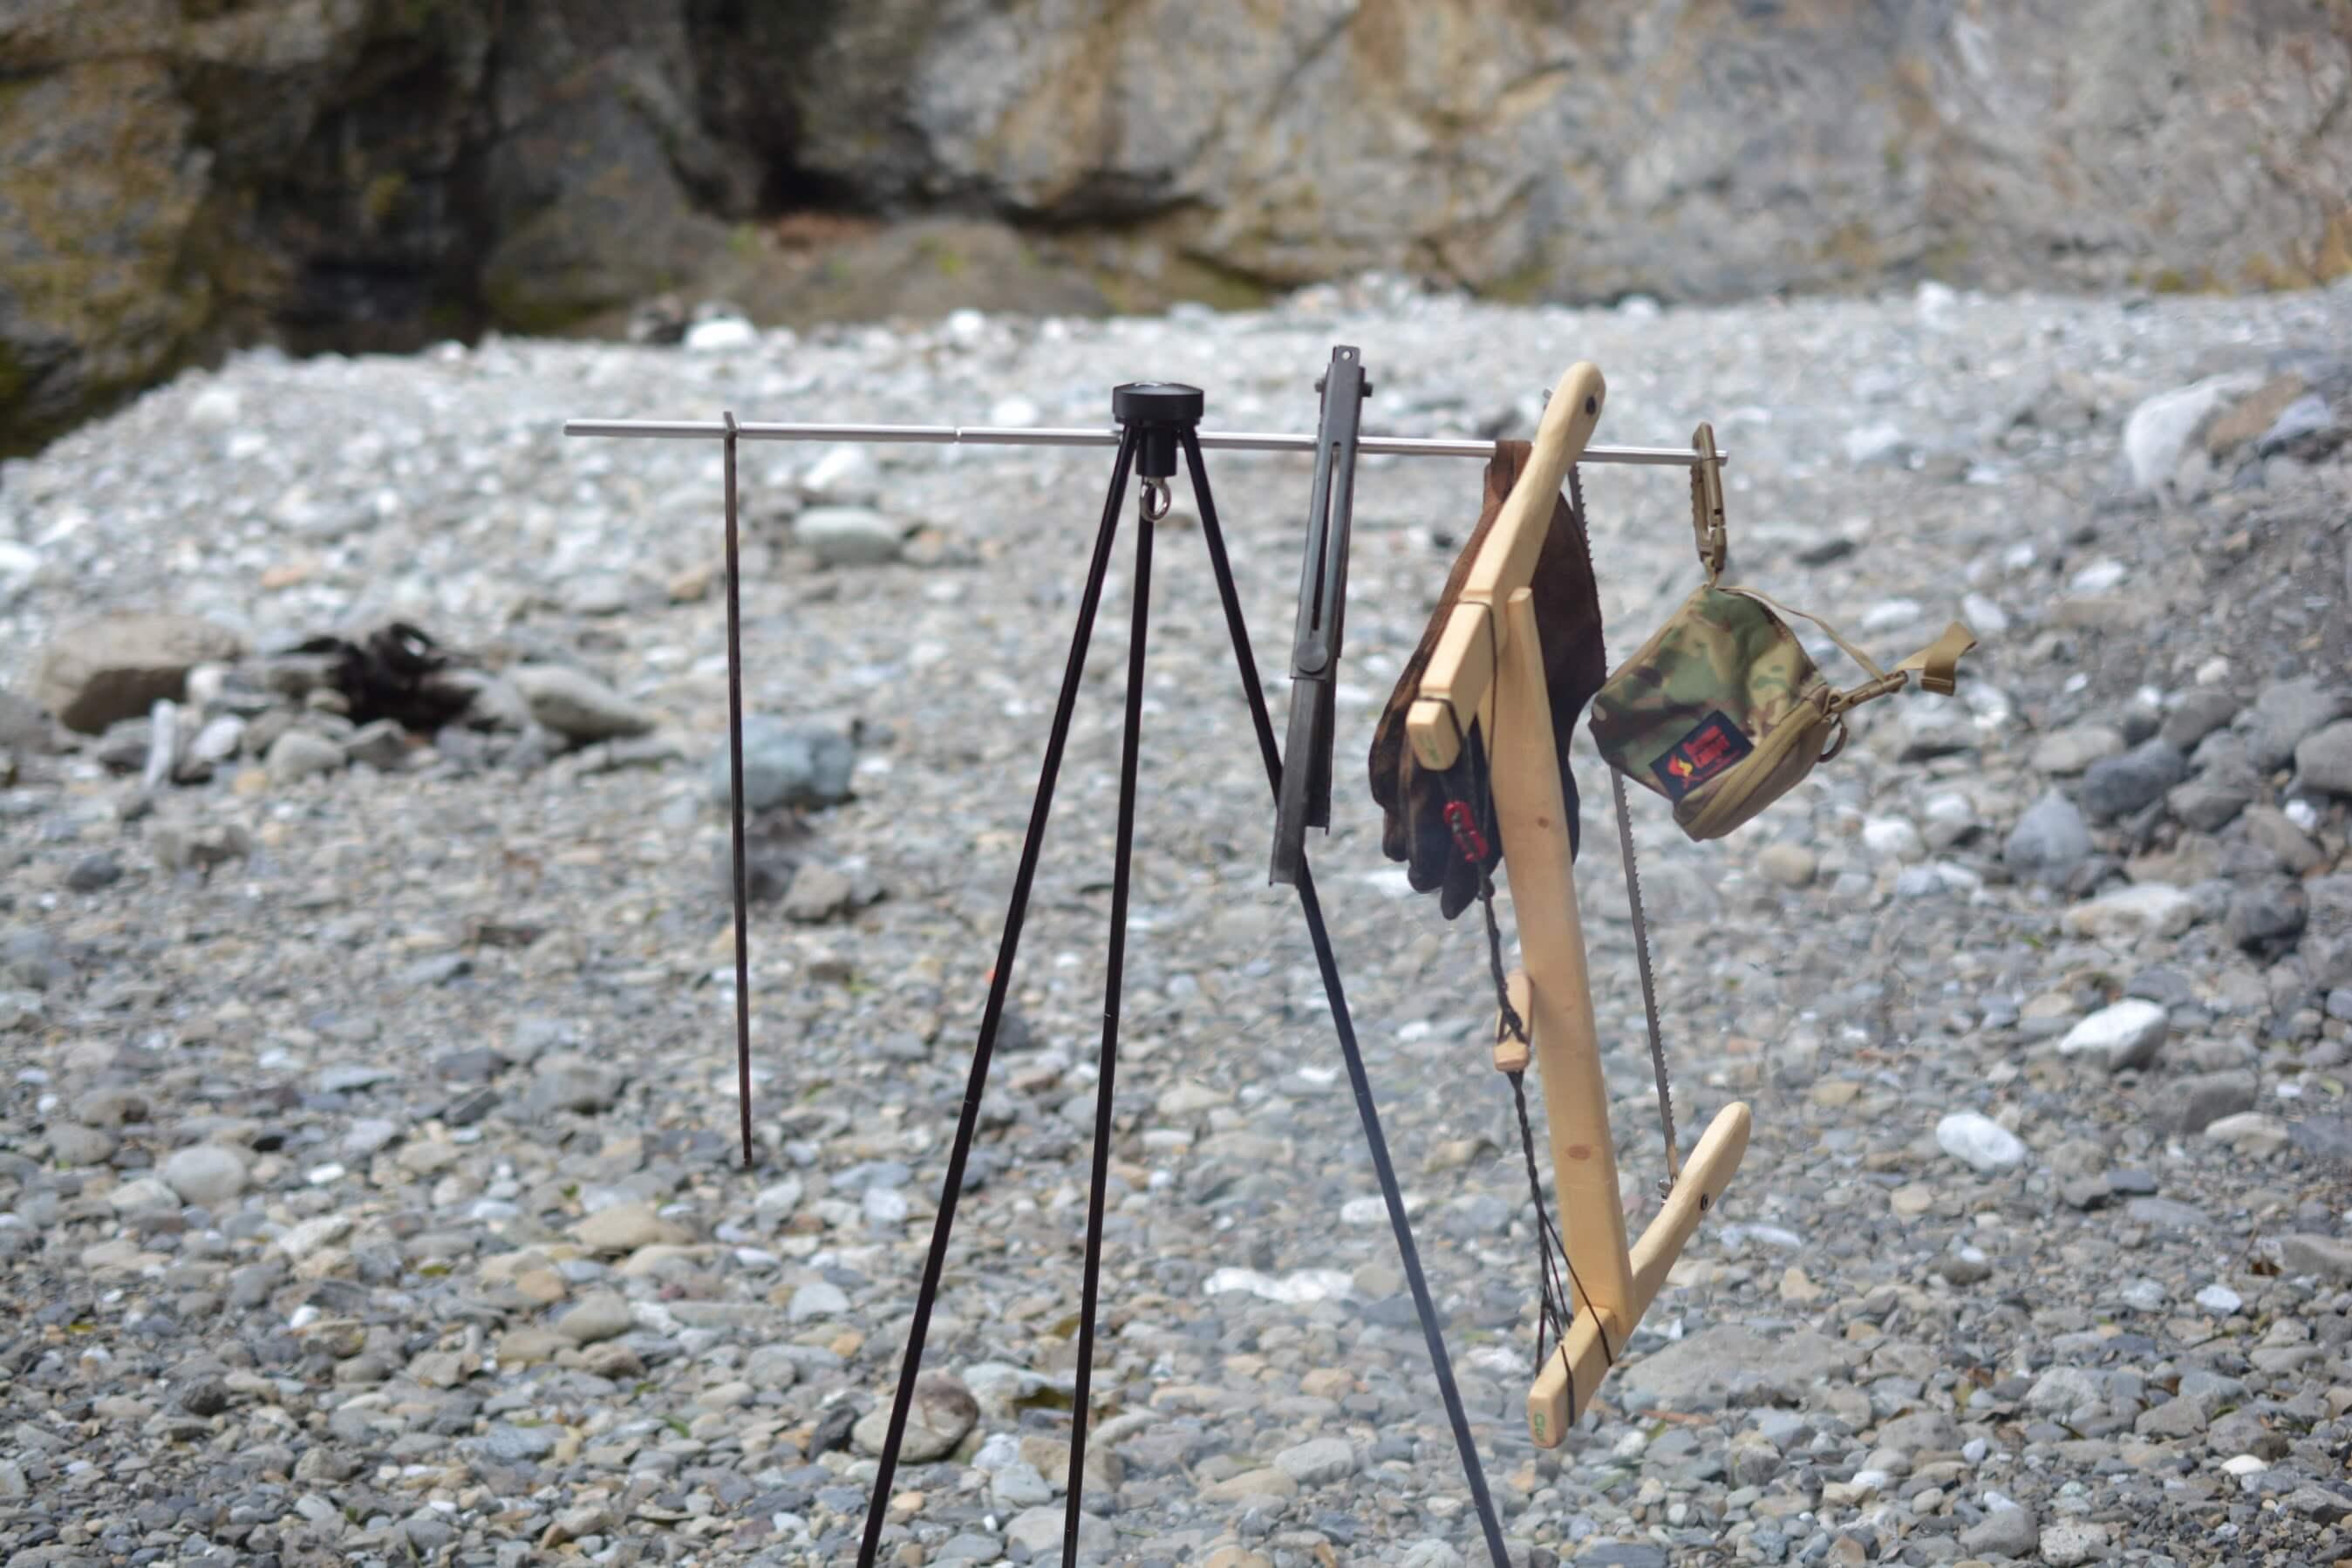 MURACO[ムラコ] AFRICAN EAGLE TRIPOD[アフリカンイーグル トライポッド] 焚き火ツールラックとして